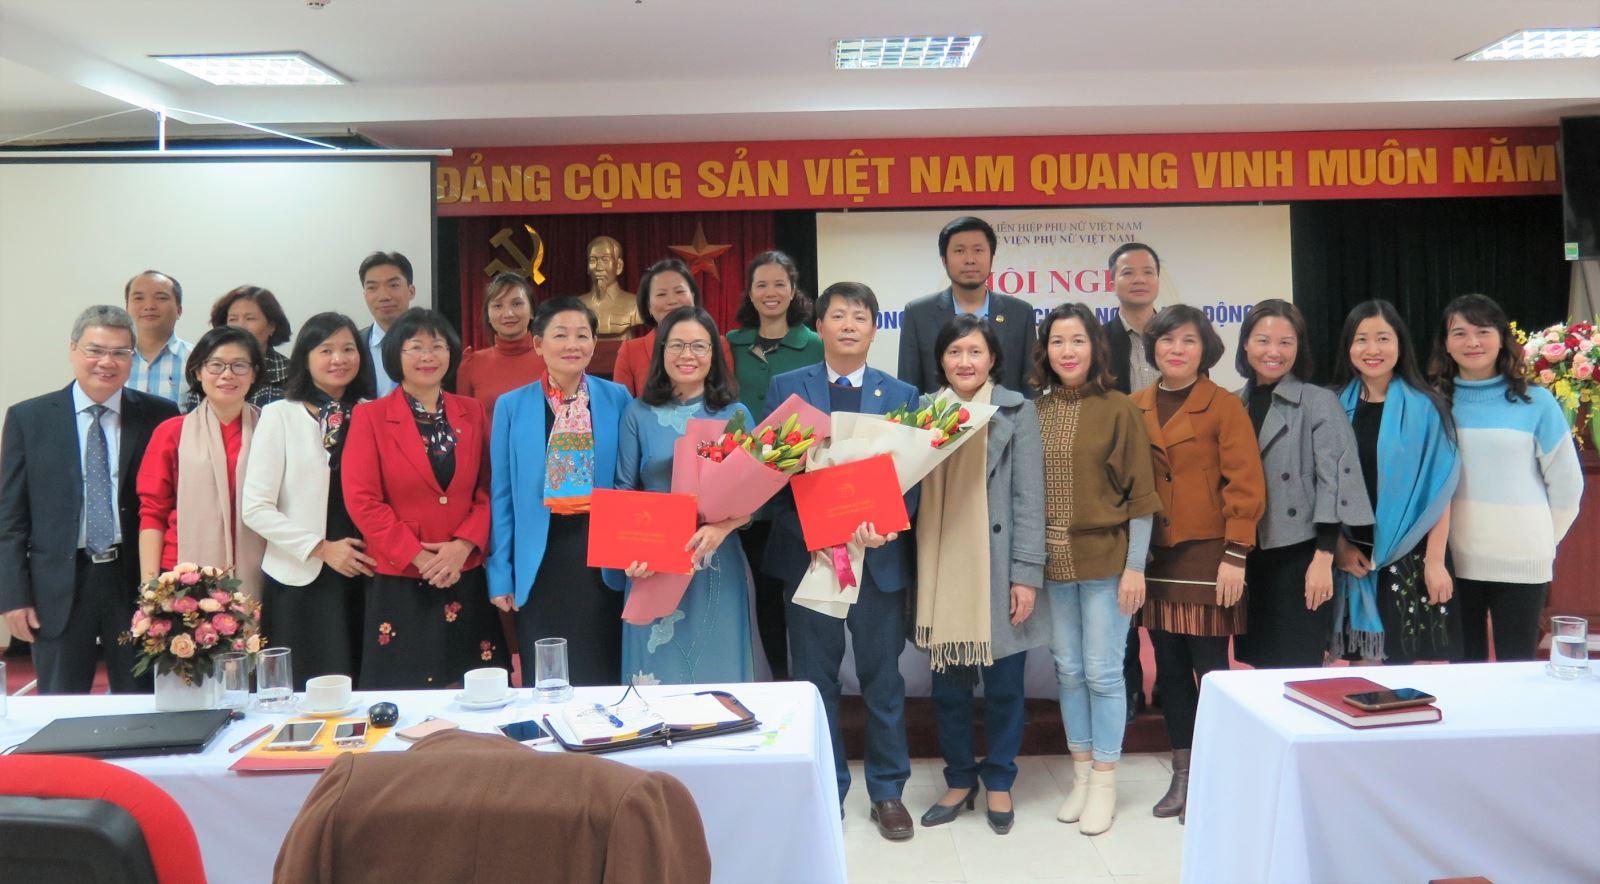 Hội nghị công chức, viên chức, người lao động năm 2019